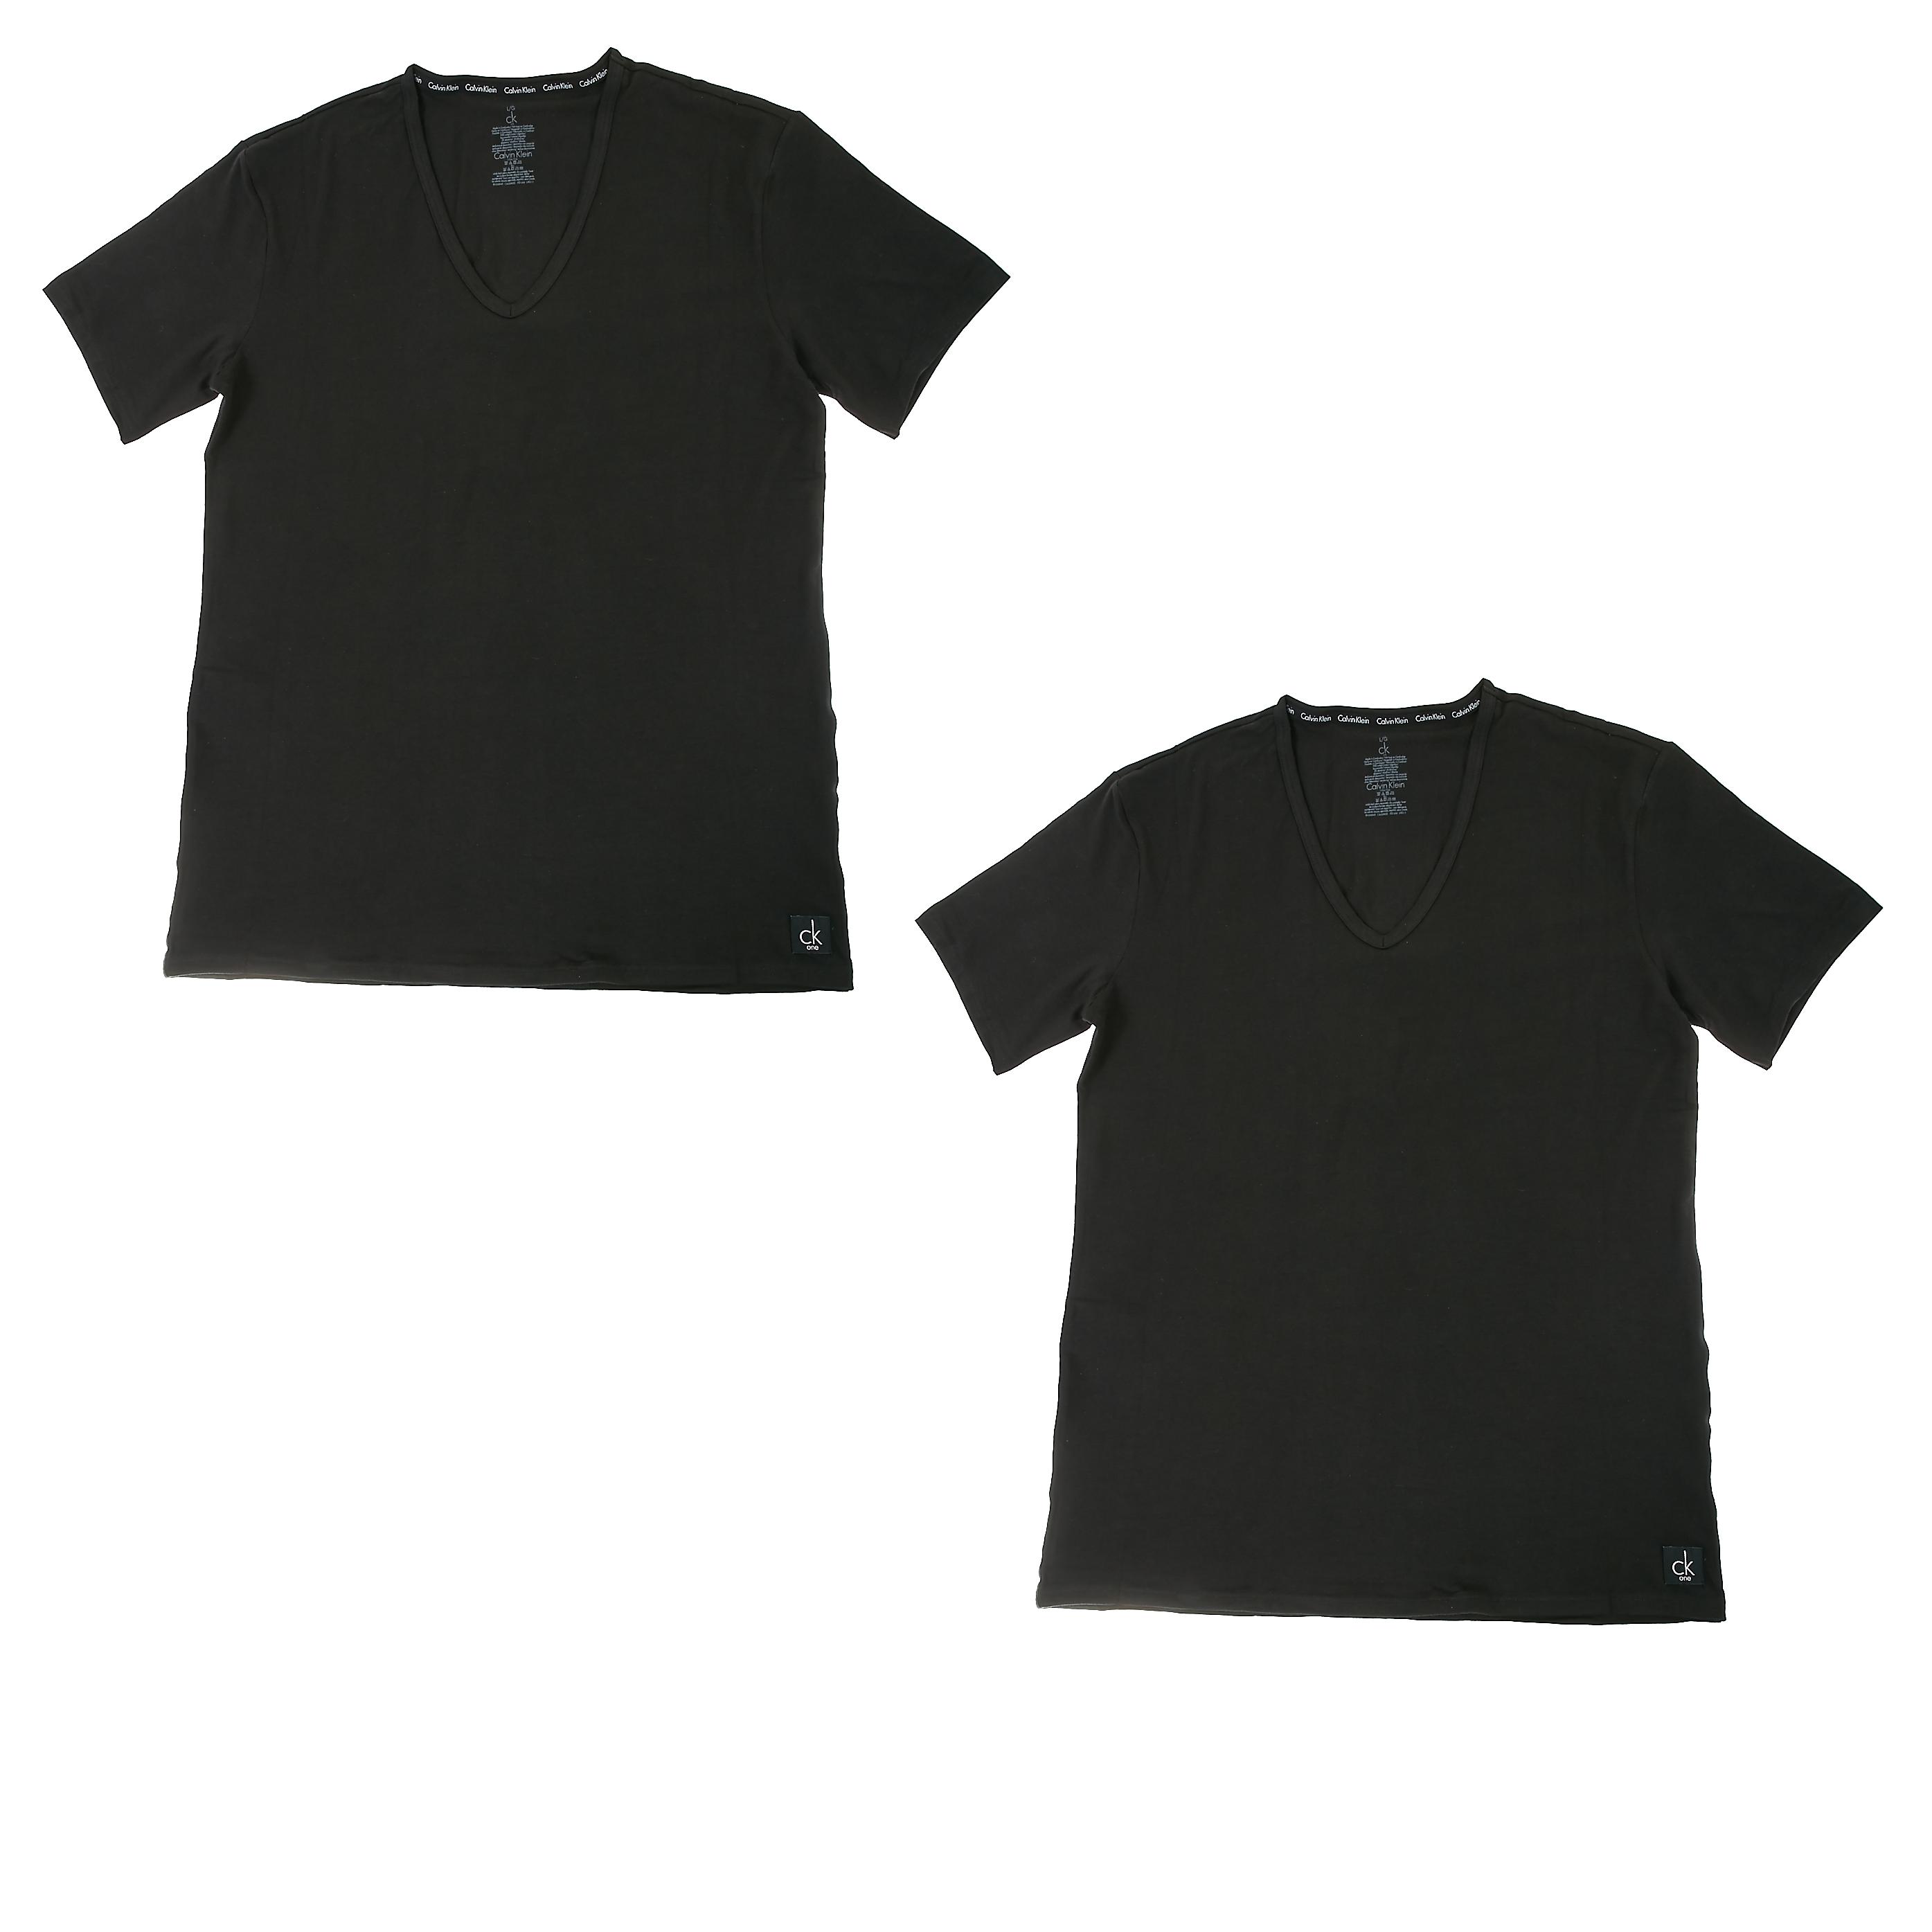 CK UNDERWEAR - Σετ φανέλες Calvin Klein μαύρες